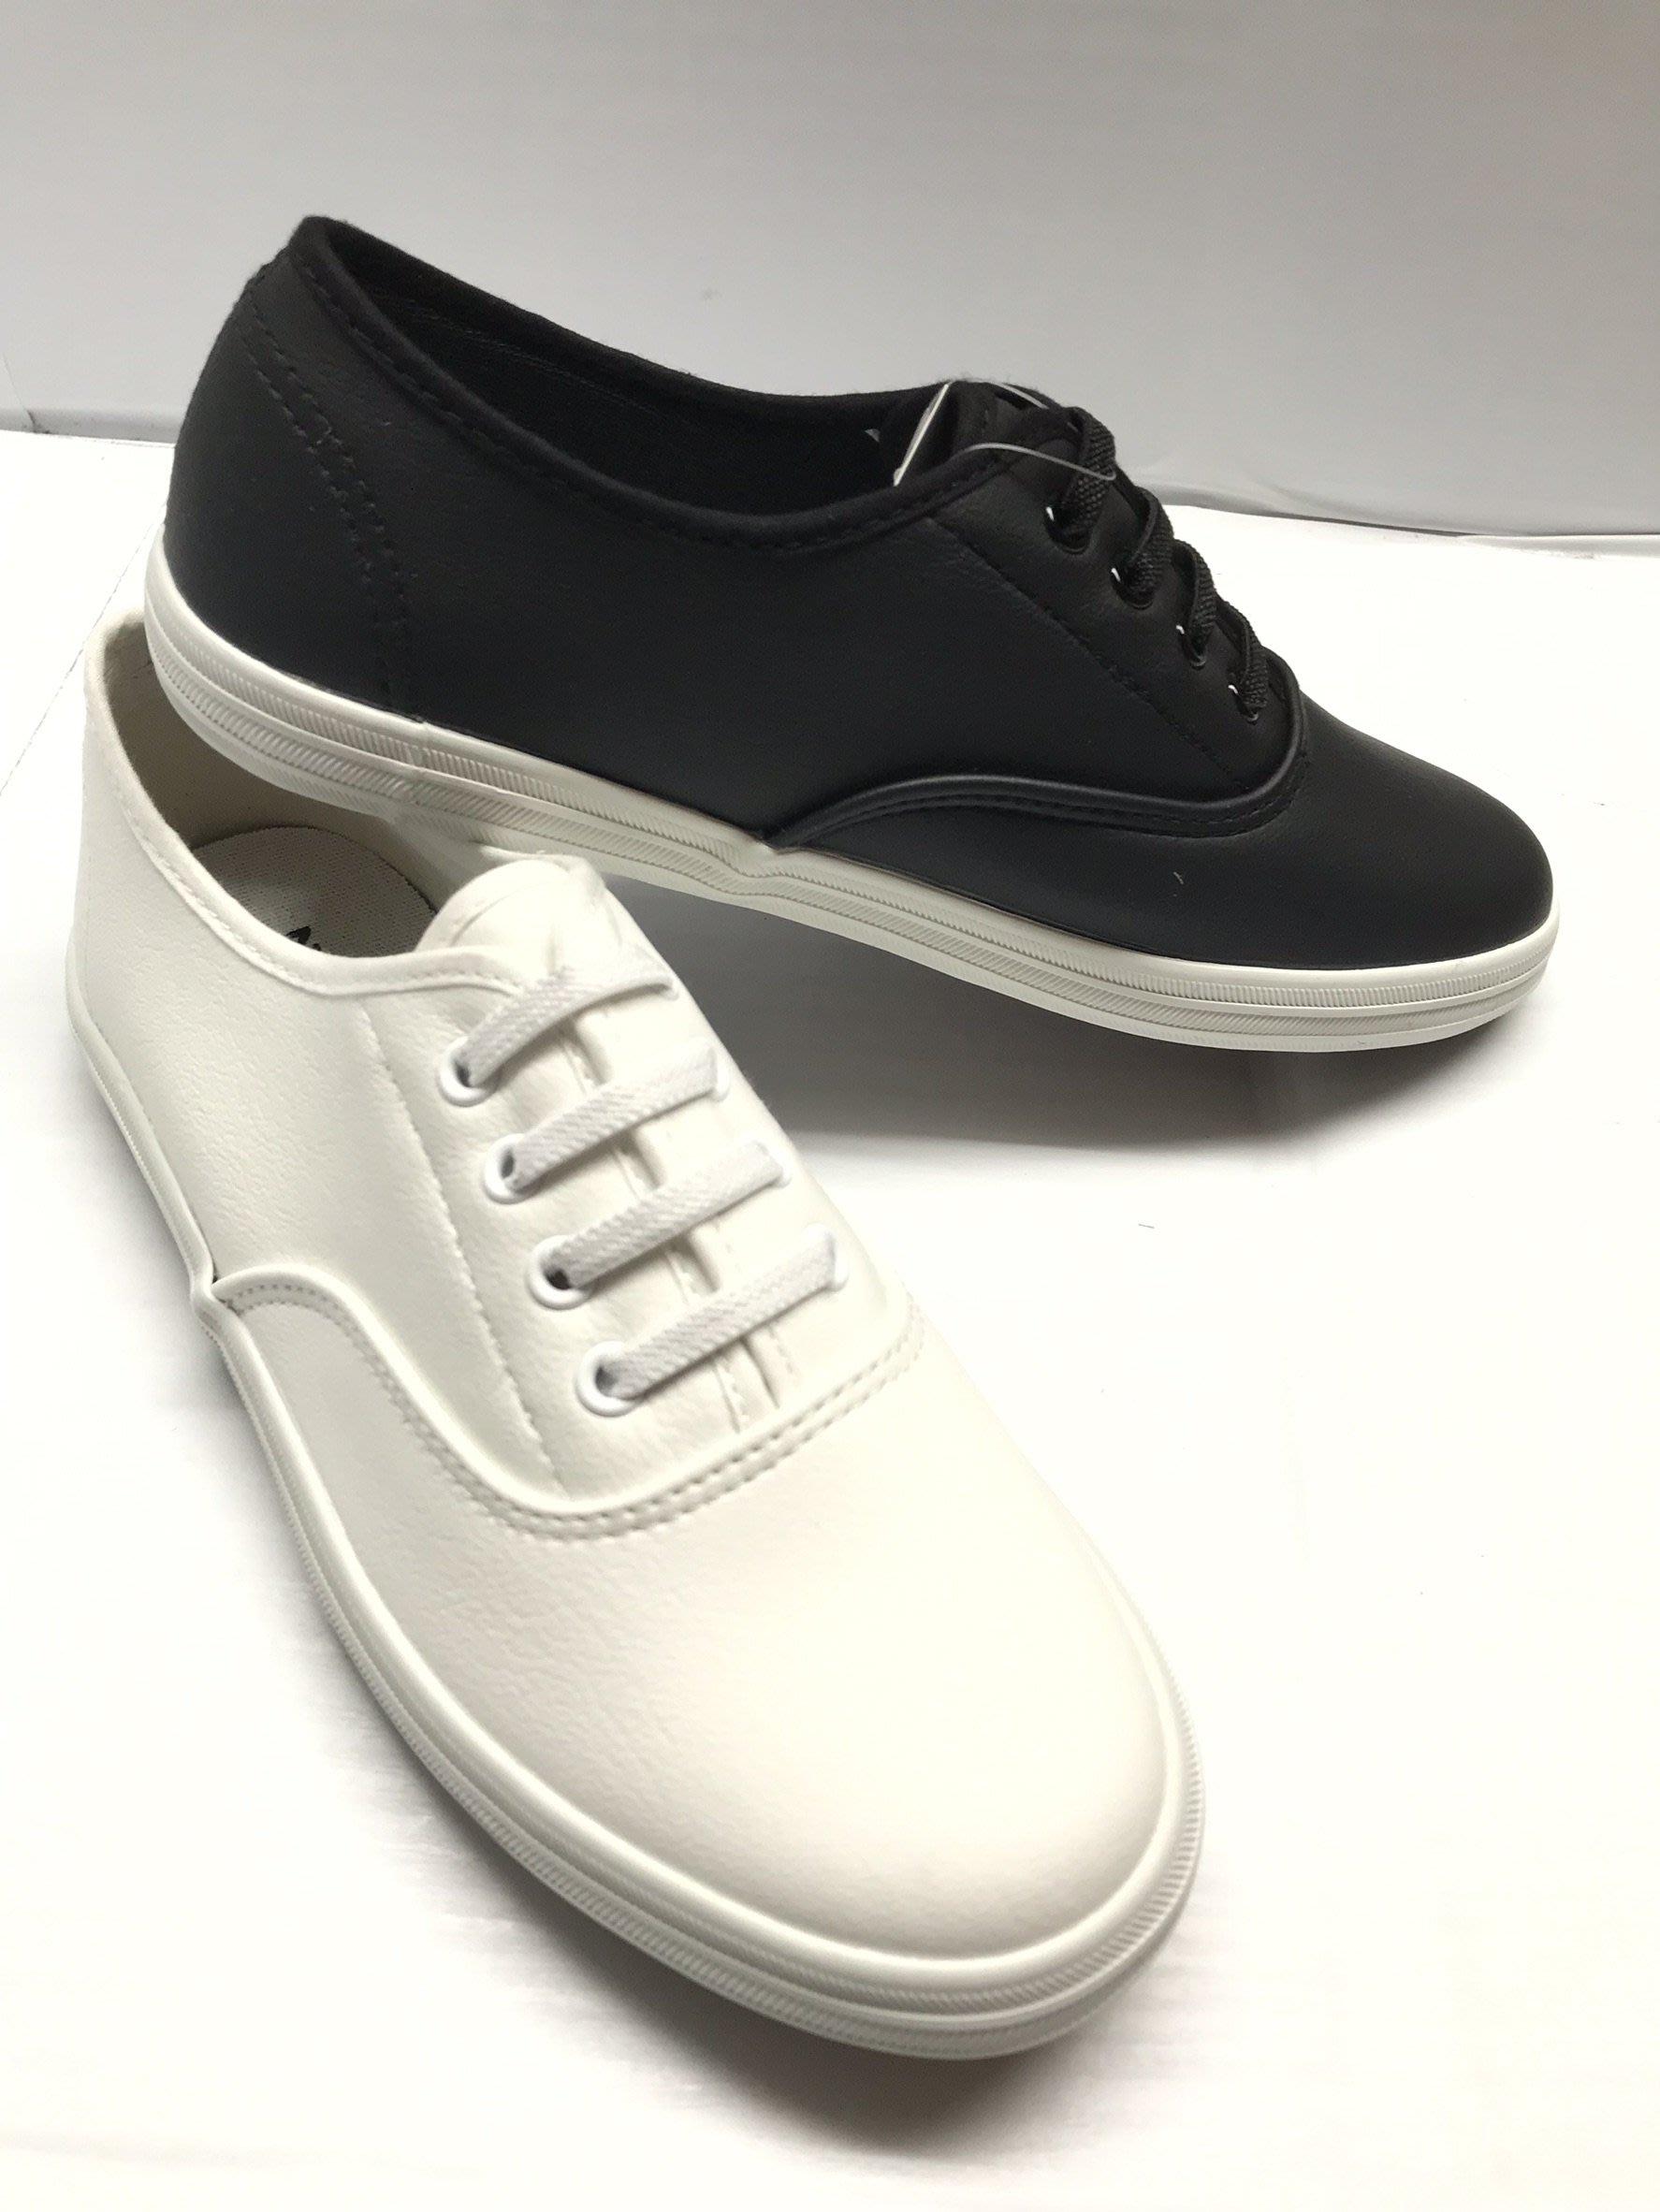 【便宜GO鞋城】范倫鐵諾女鞋/黑白2色/流行鞋款/休閒帆布鞋/出門穿搭款/輕薄好穿/耐磨防滑/台灣製《8511》